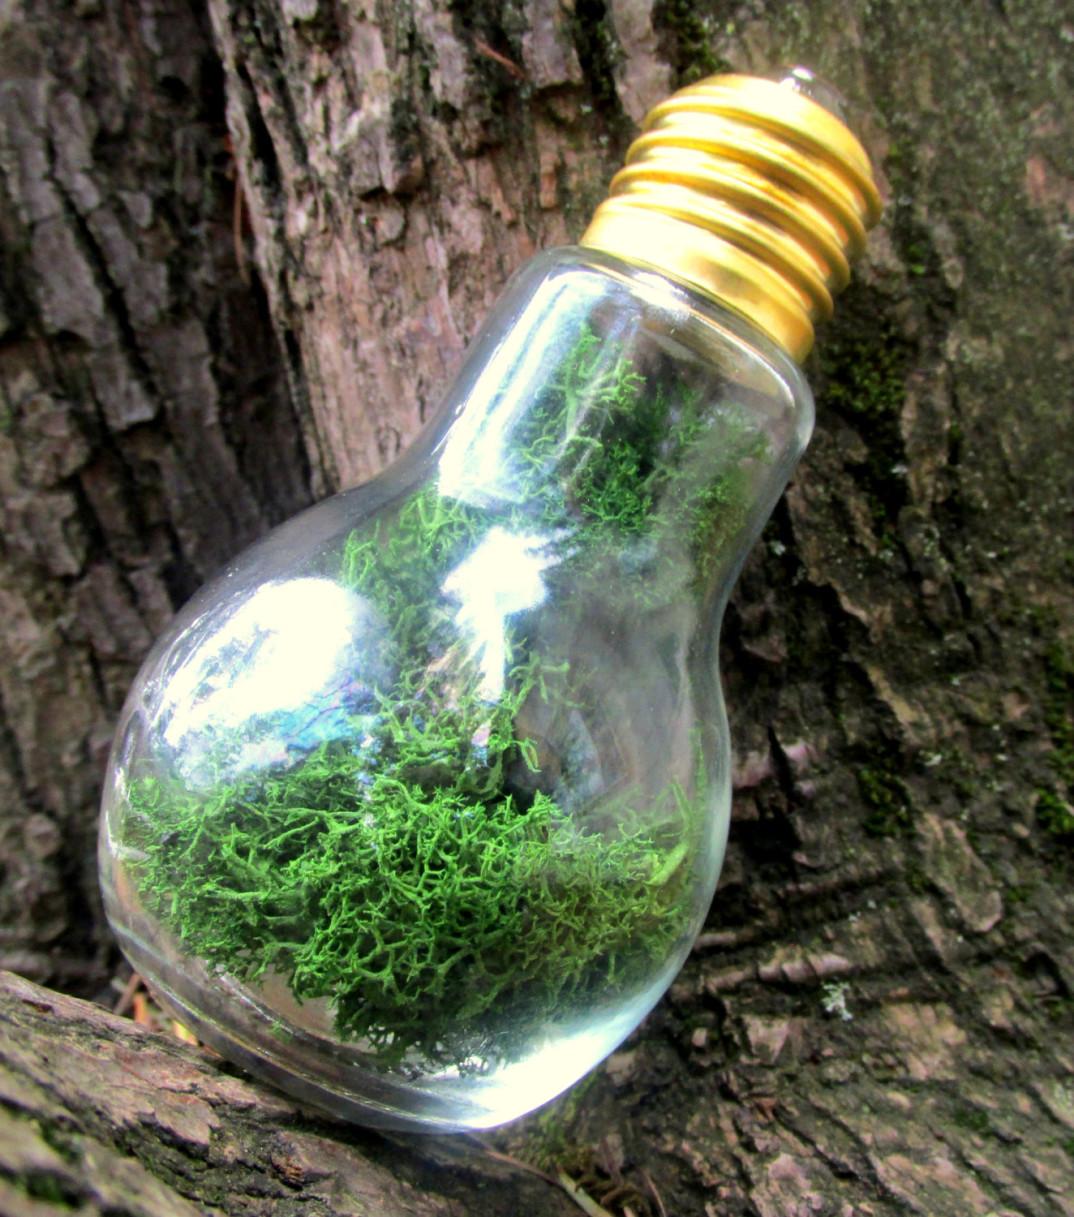 idee-creative-riciclare-riutilizzare-vecchie-lampadine-fai-da-te-16 - KEBLOG